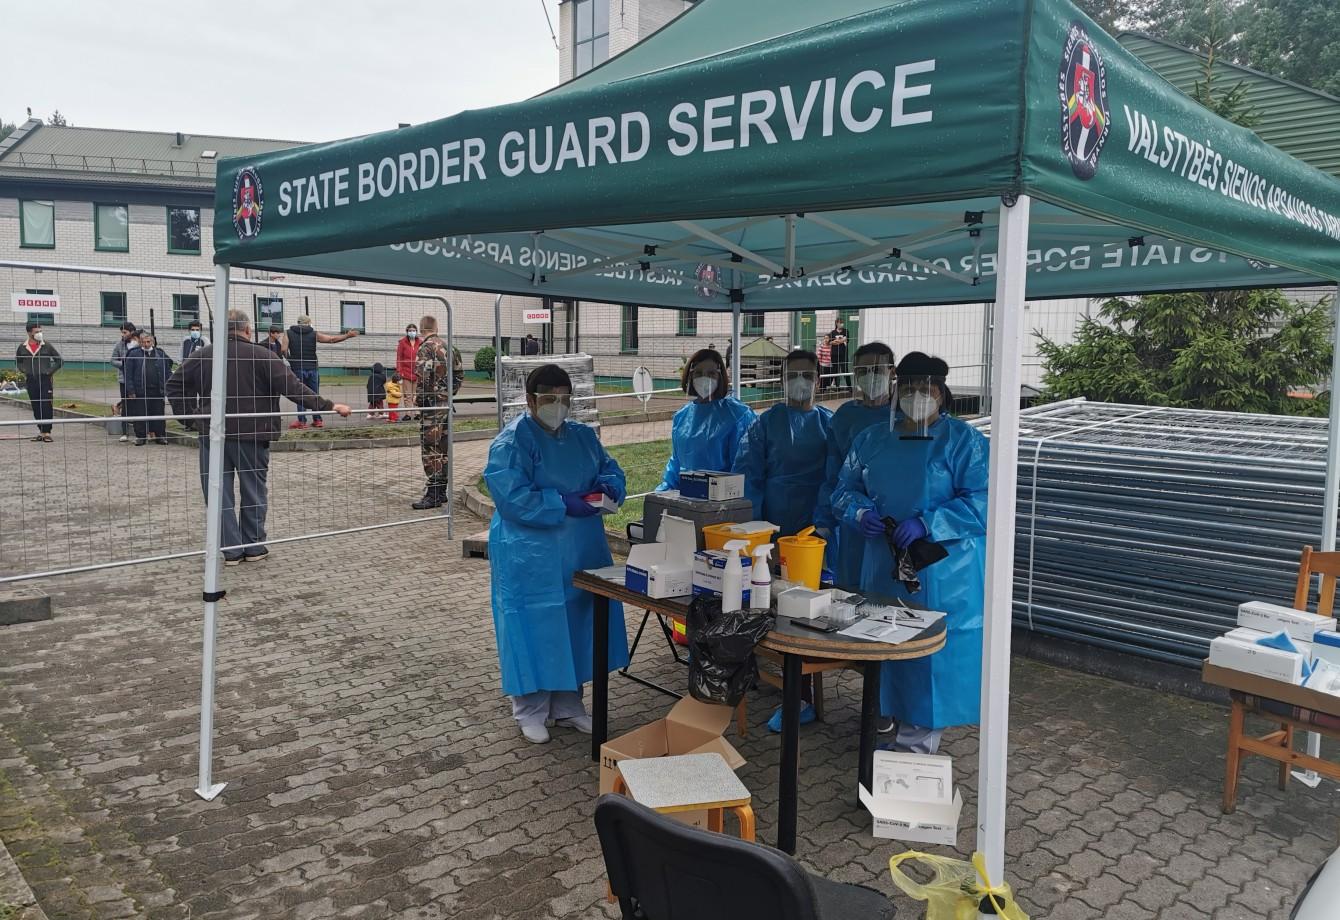 2021 m. rugpjūčio 30 d. VšĮ Varėnos pirminės sveikatos priežiūros centro darbuotojai testavo ir vakcinavo nuo COVID-19 ligos, VSAT Varėnos pasienio rinktinės A. Barausko užkardoje apgyvendintus nelegaliai Lietuvos Respublikos sieną kirtusius migrantus.